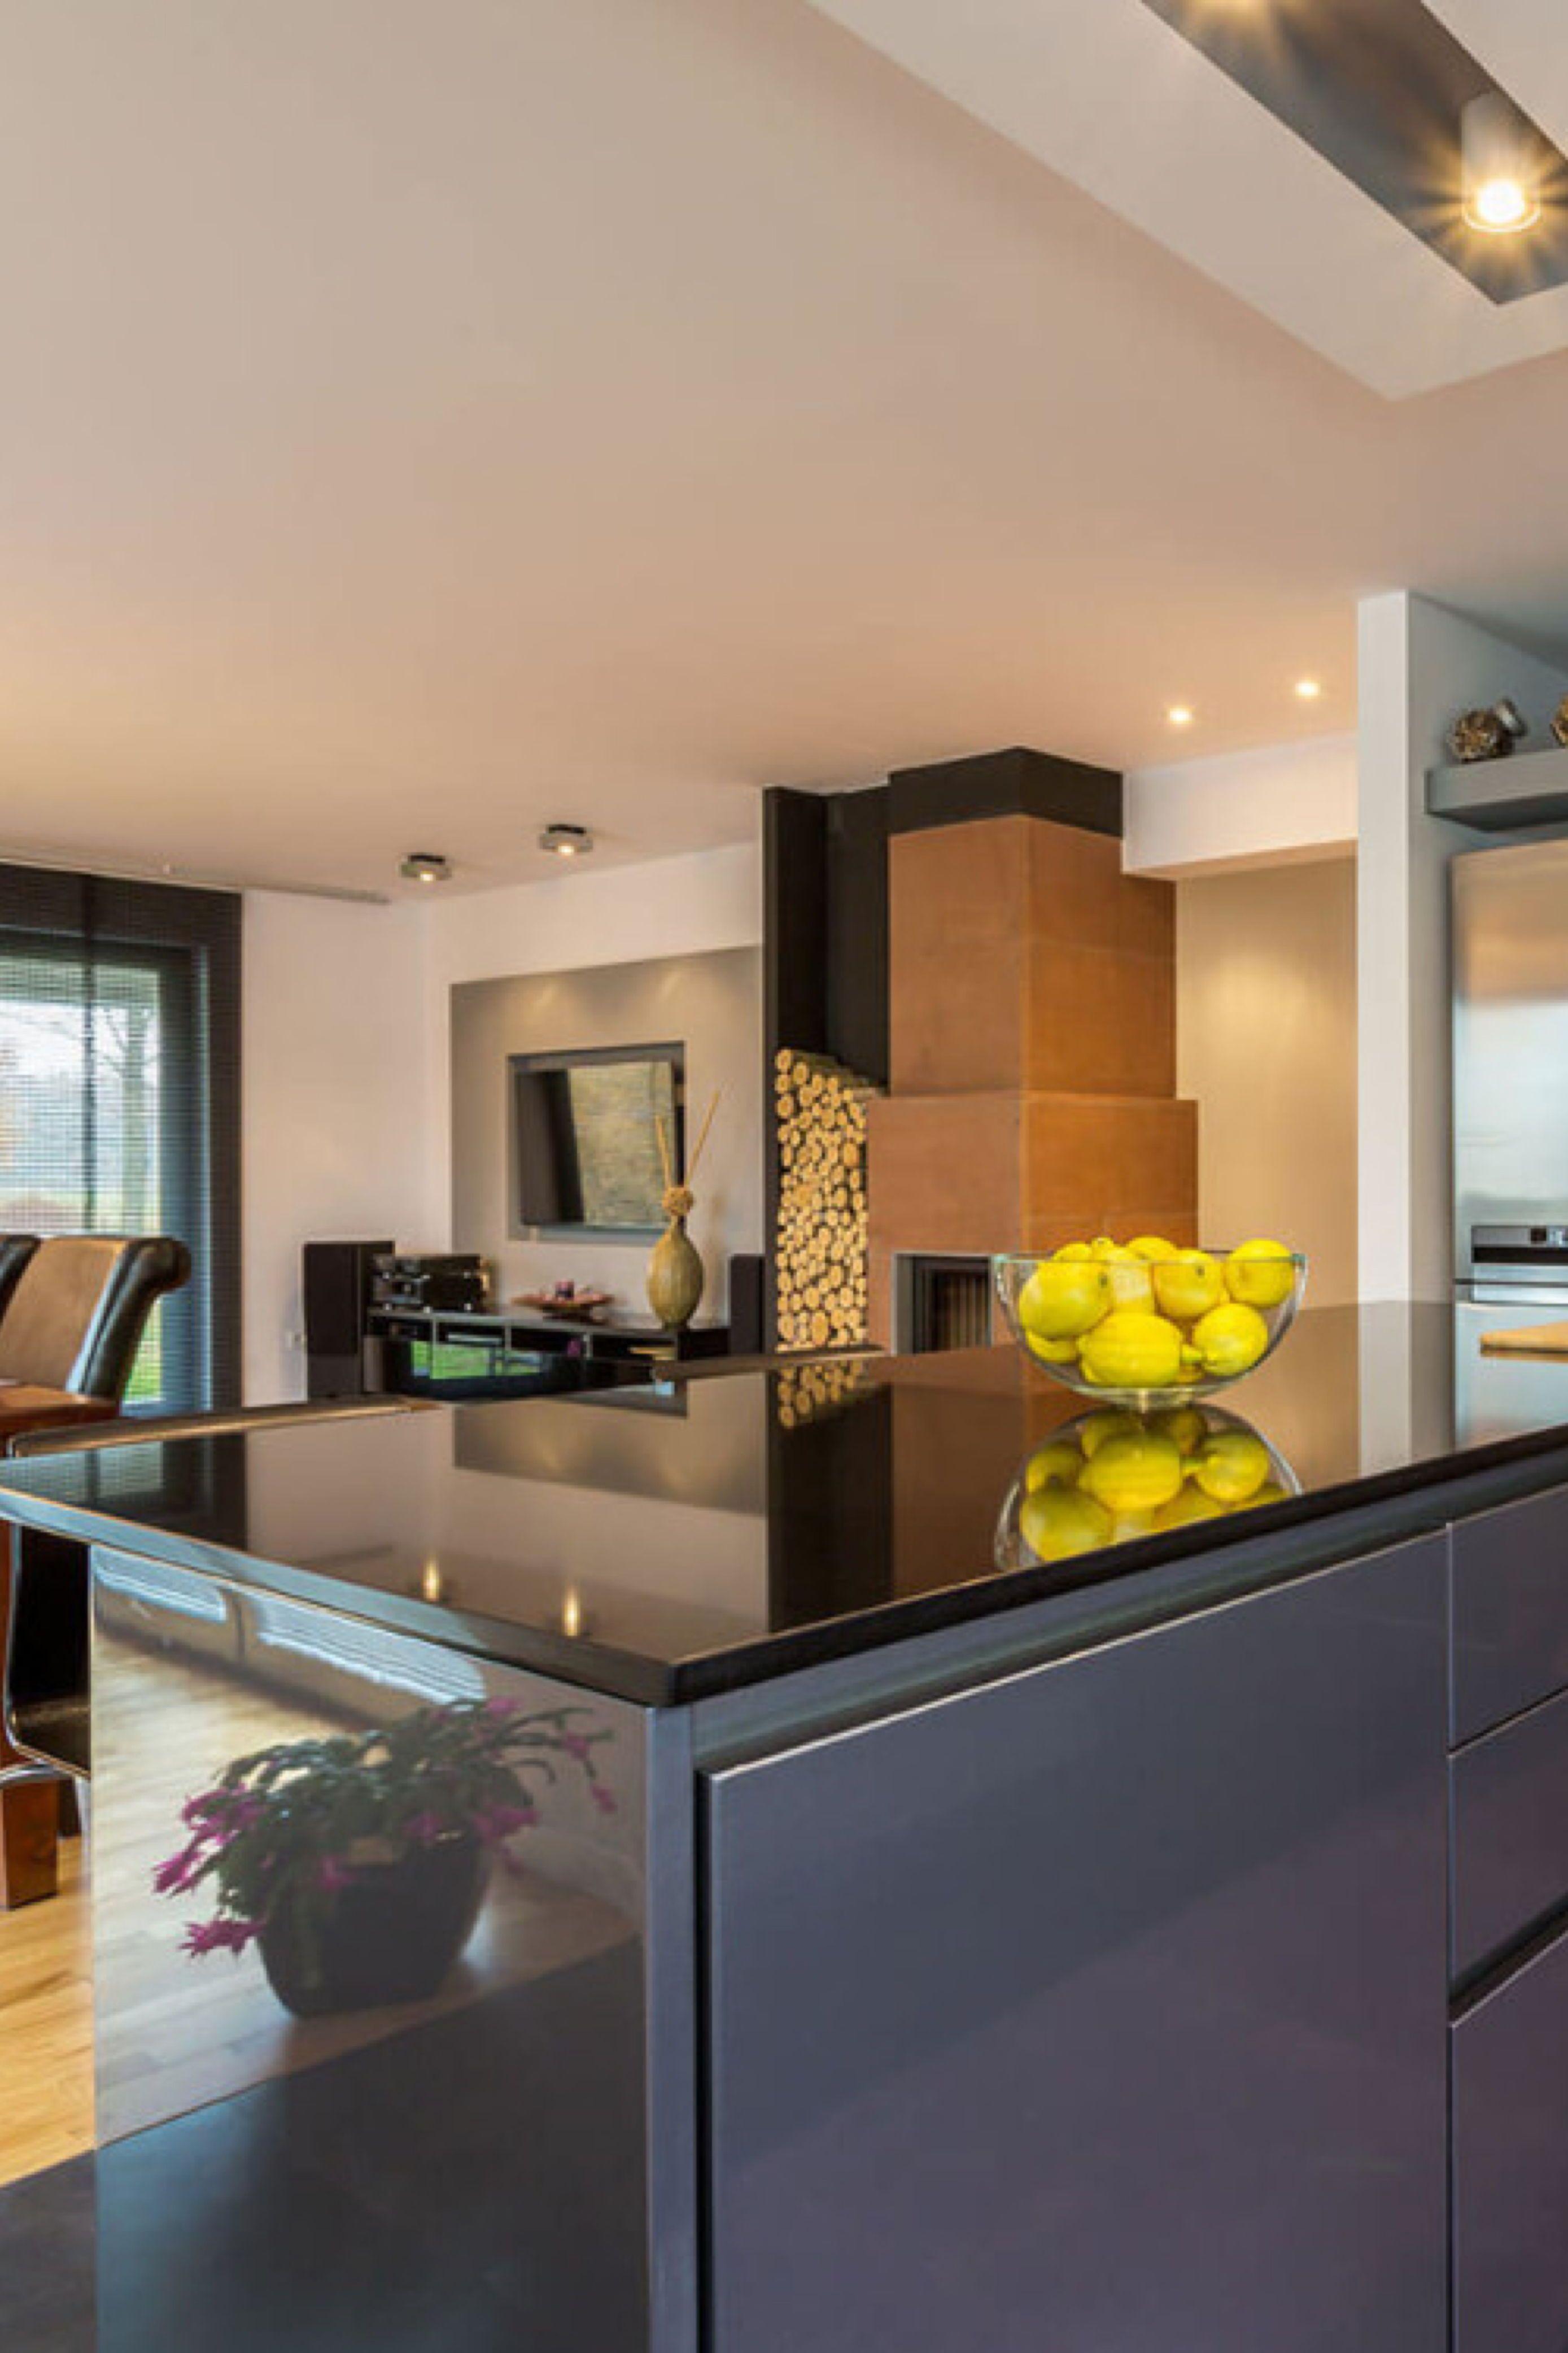 Absolute Black Granite Countertops Cost Reviews In 2020 Absolute Black Granite Countertops Granite Kitchen Granite Countertops